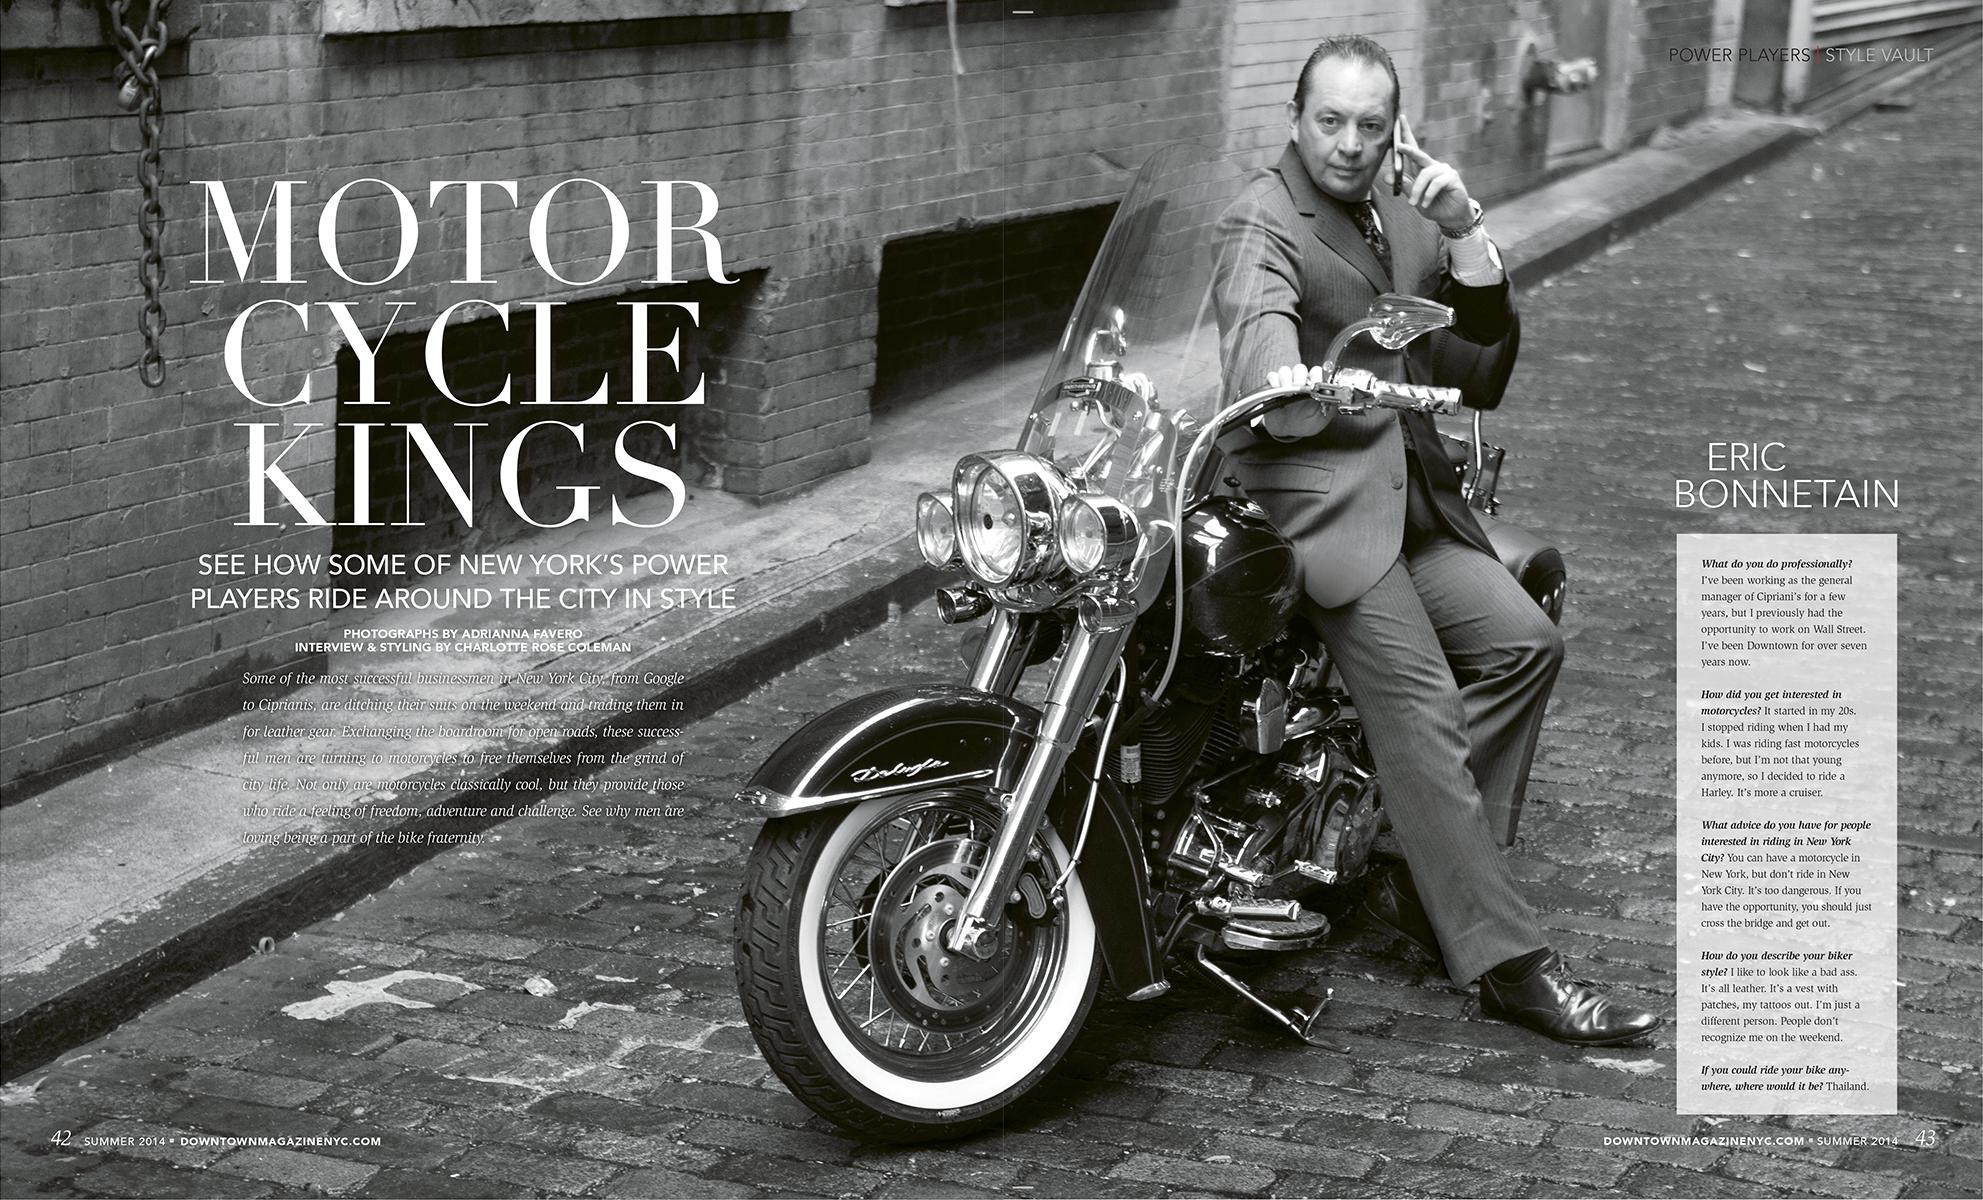 MotorcycleKings1scaler